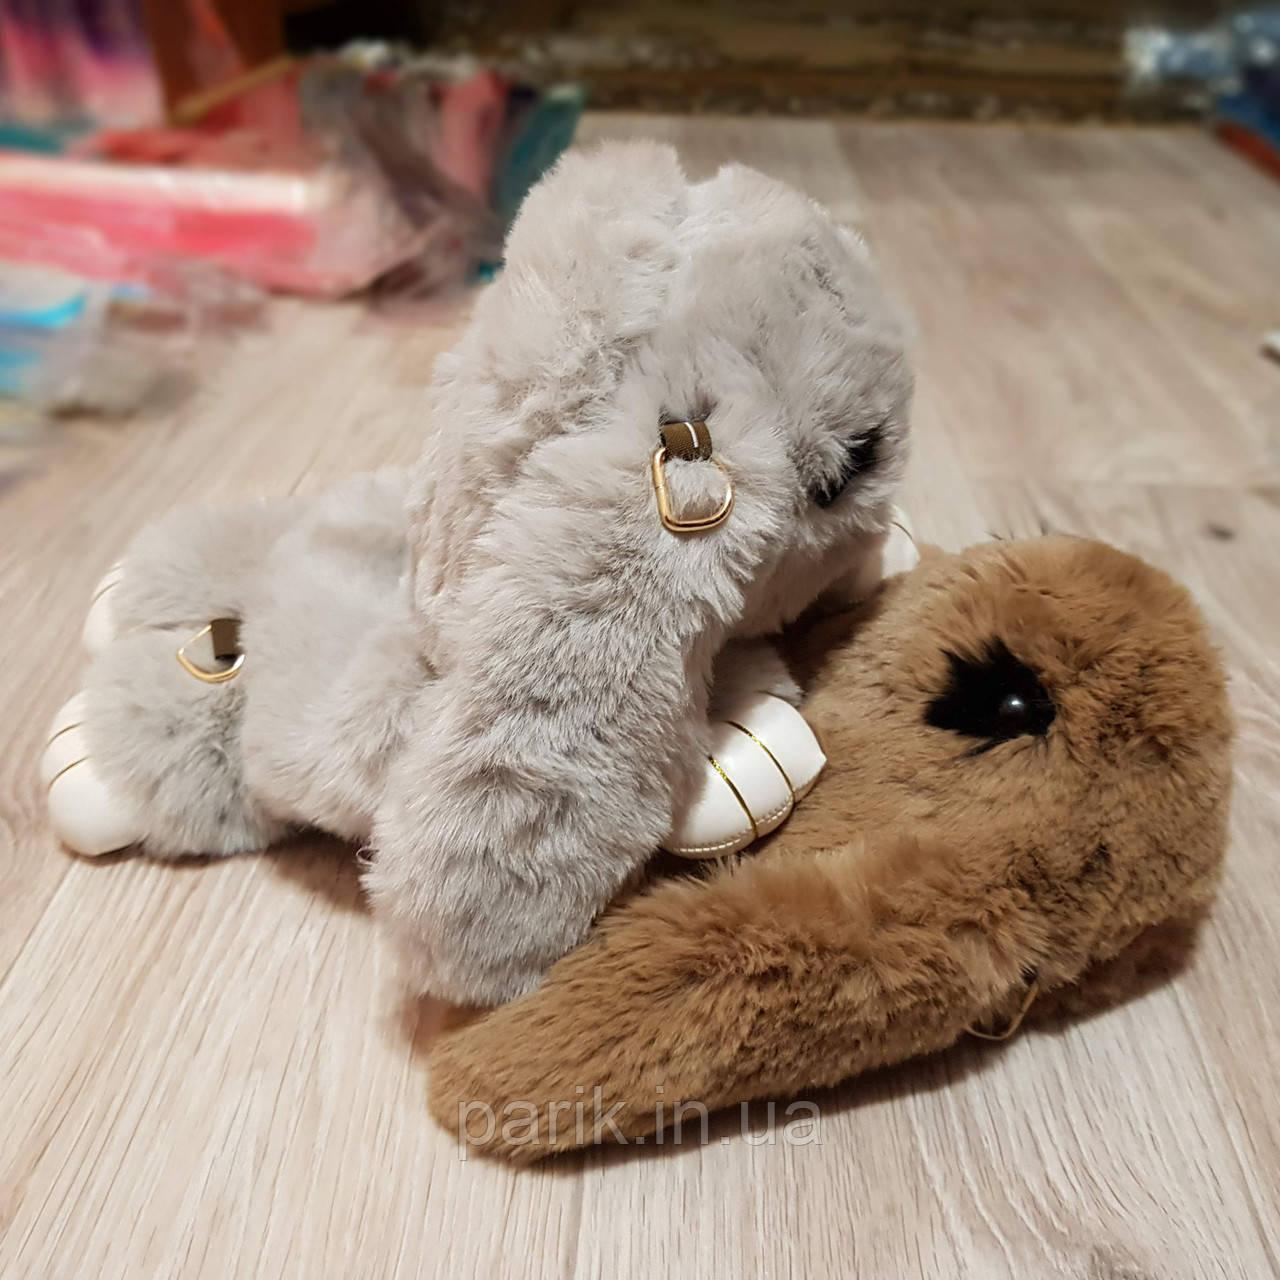 Подарок девушке жене. Сумка рюкзак кролик СЕРЫЙ